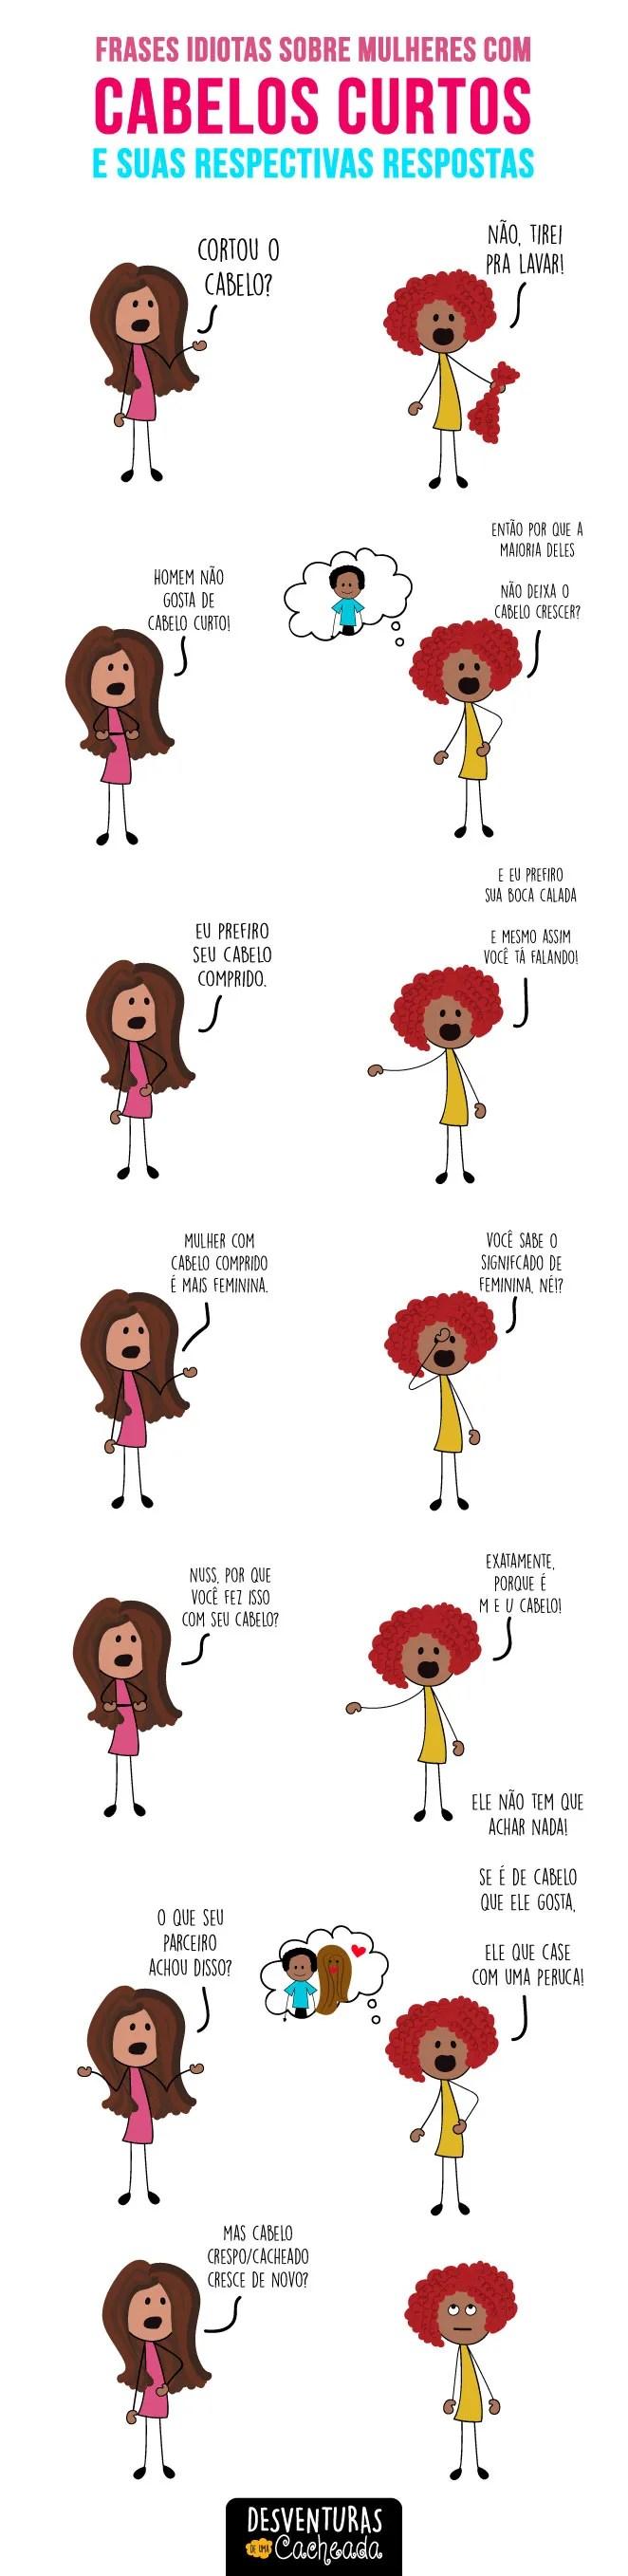 Frases idiotas sobre mulheres com cabelos curtos